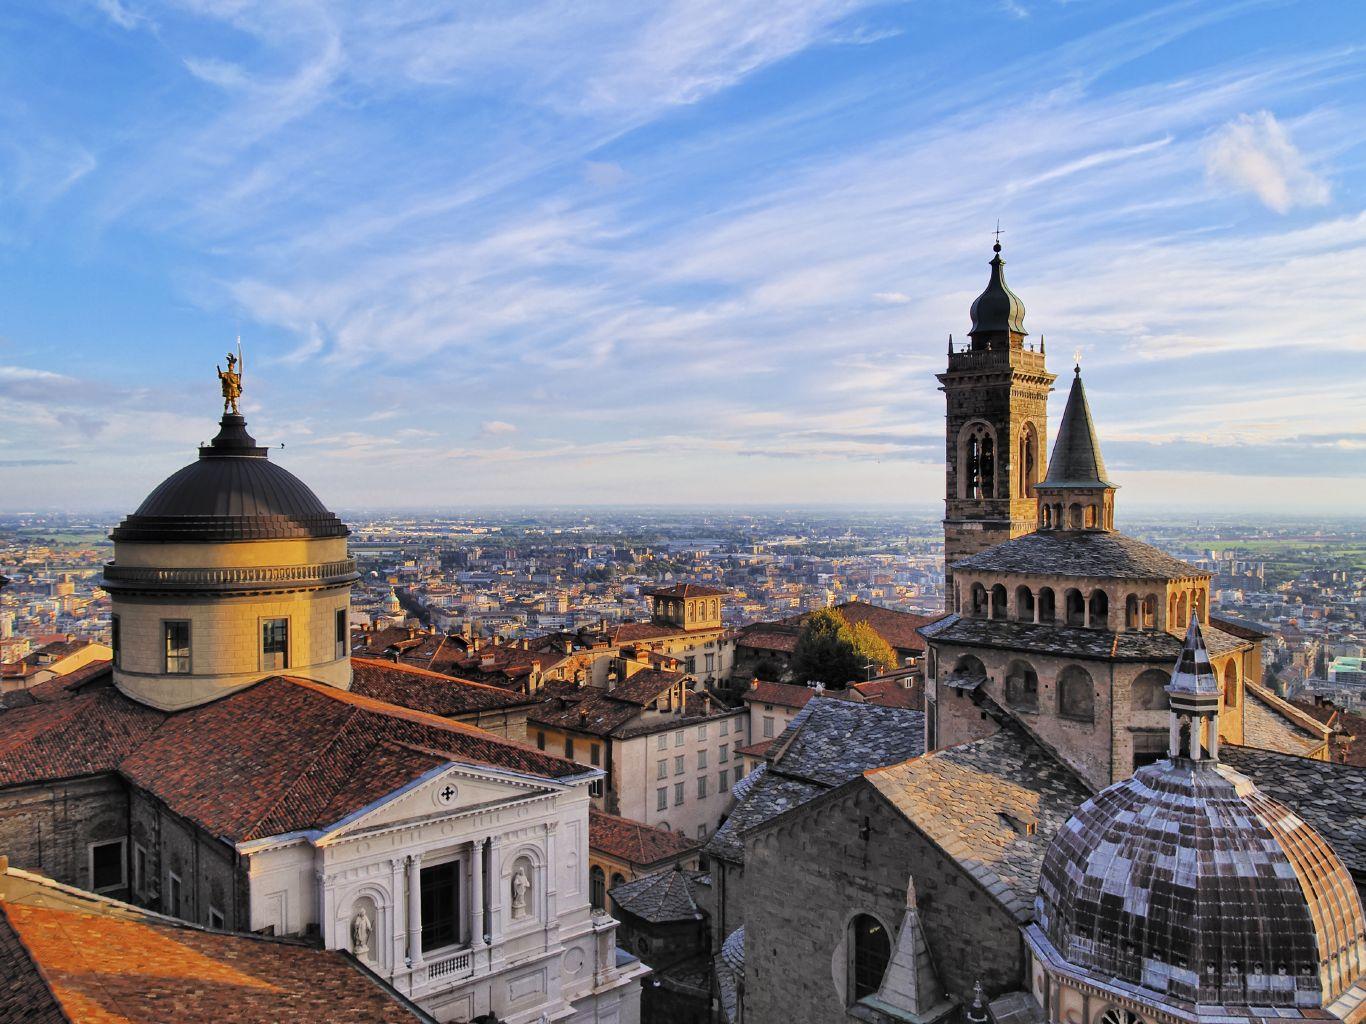 Miláno či Bergamo na prodloužený víkend – 658 Kč